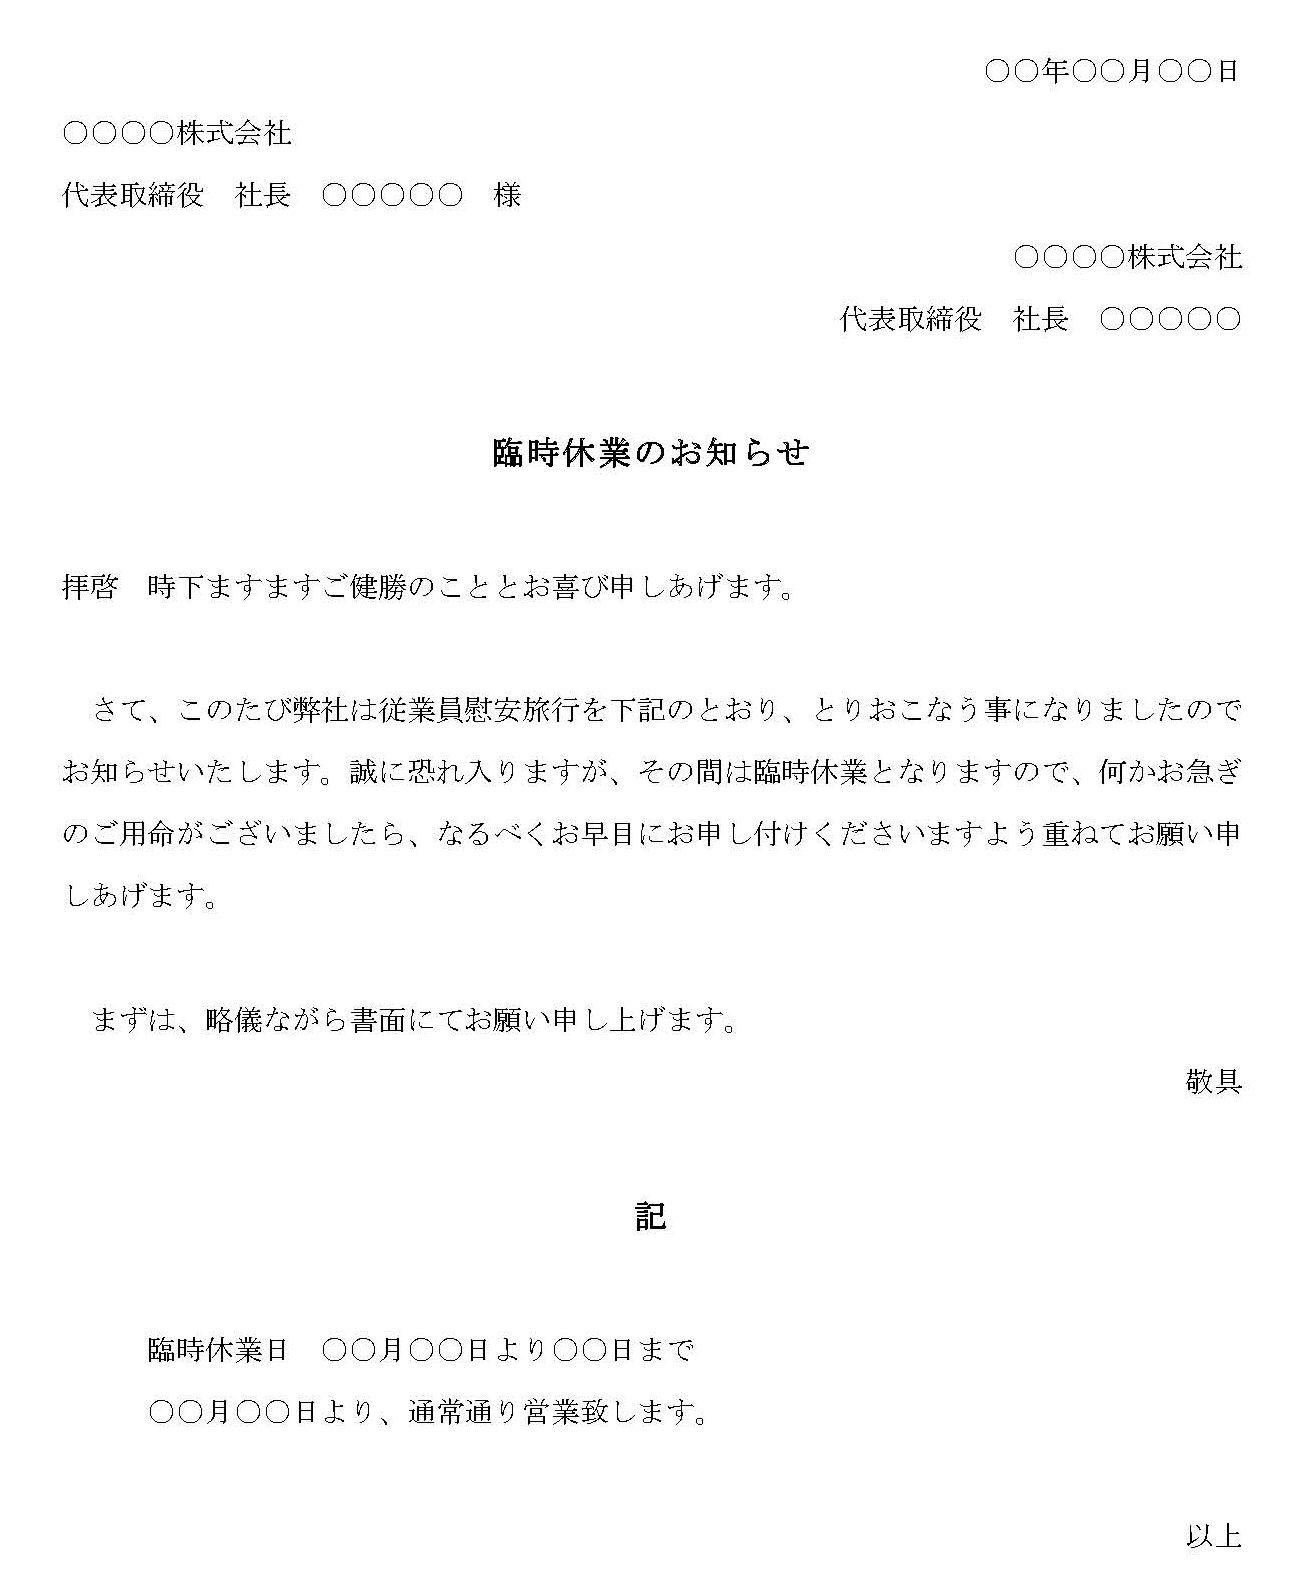 お知らせ(臨時休業)07